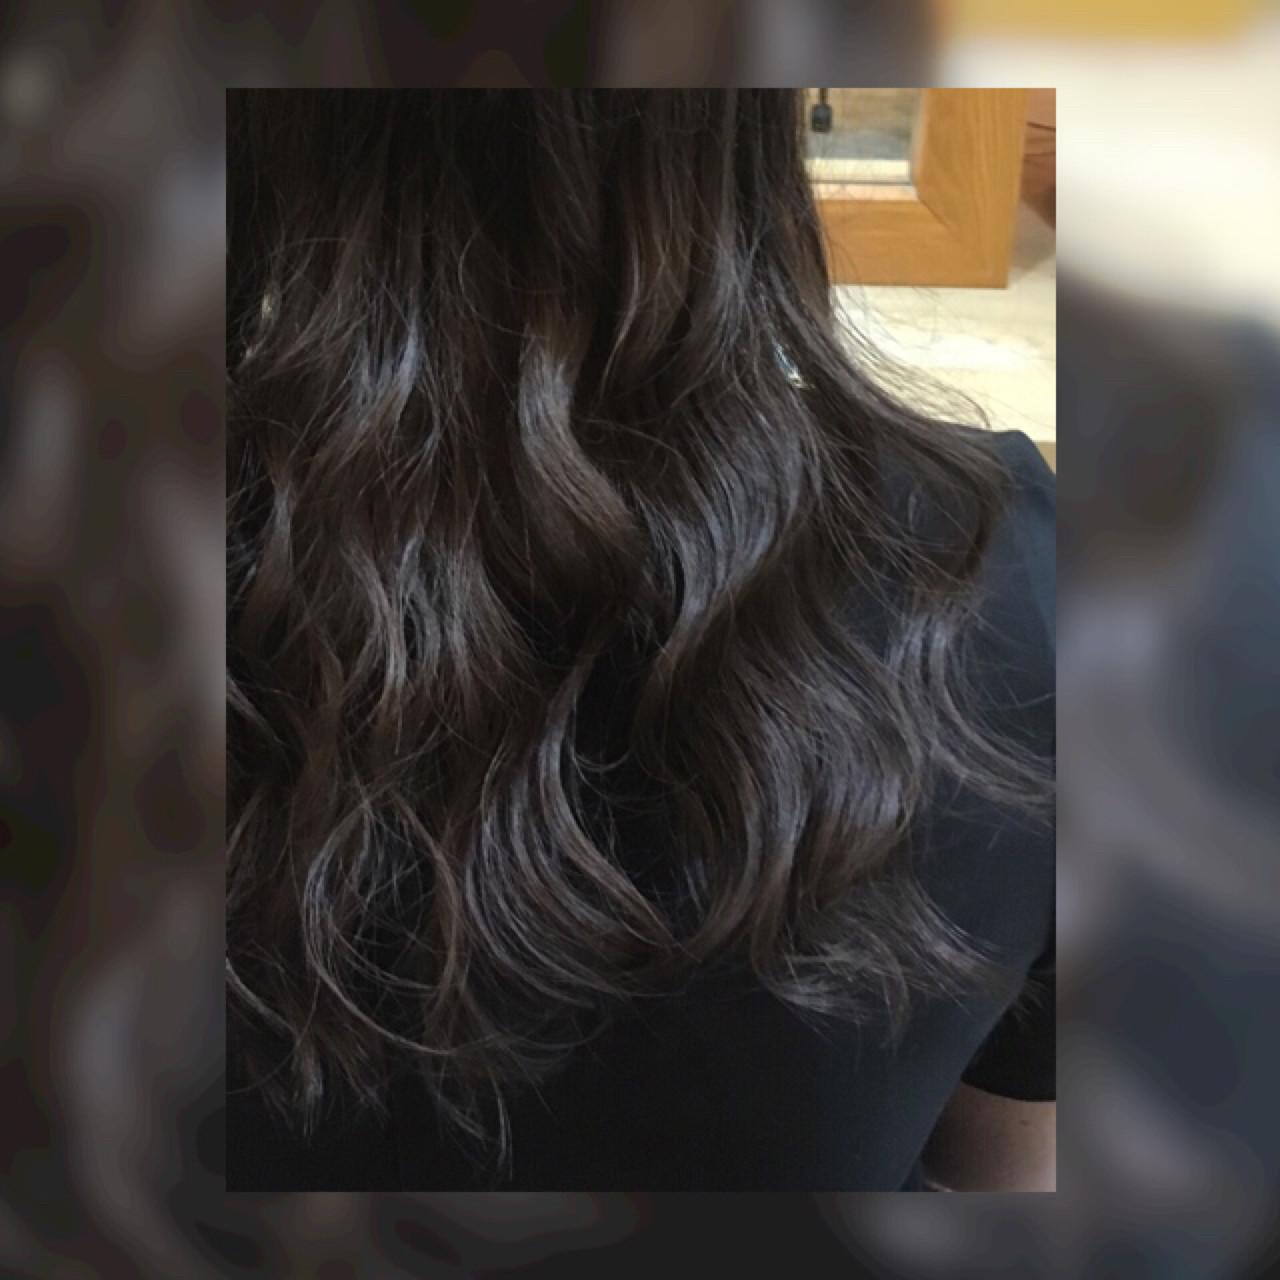 外国人風カラー セミロング ストリート グレーアッシュ ヘアスタイルや髪型の写真・画像 | 原野 豊 / ARTICAL HAIR